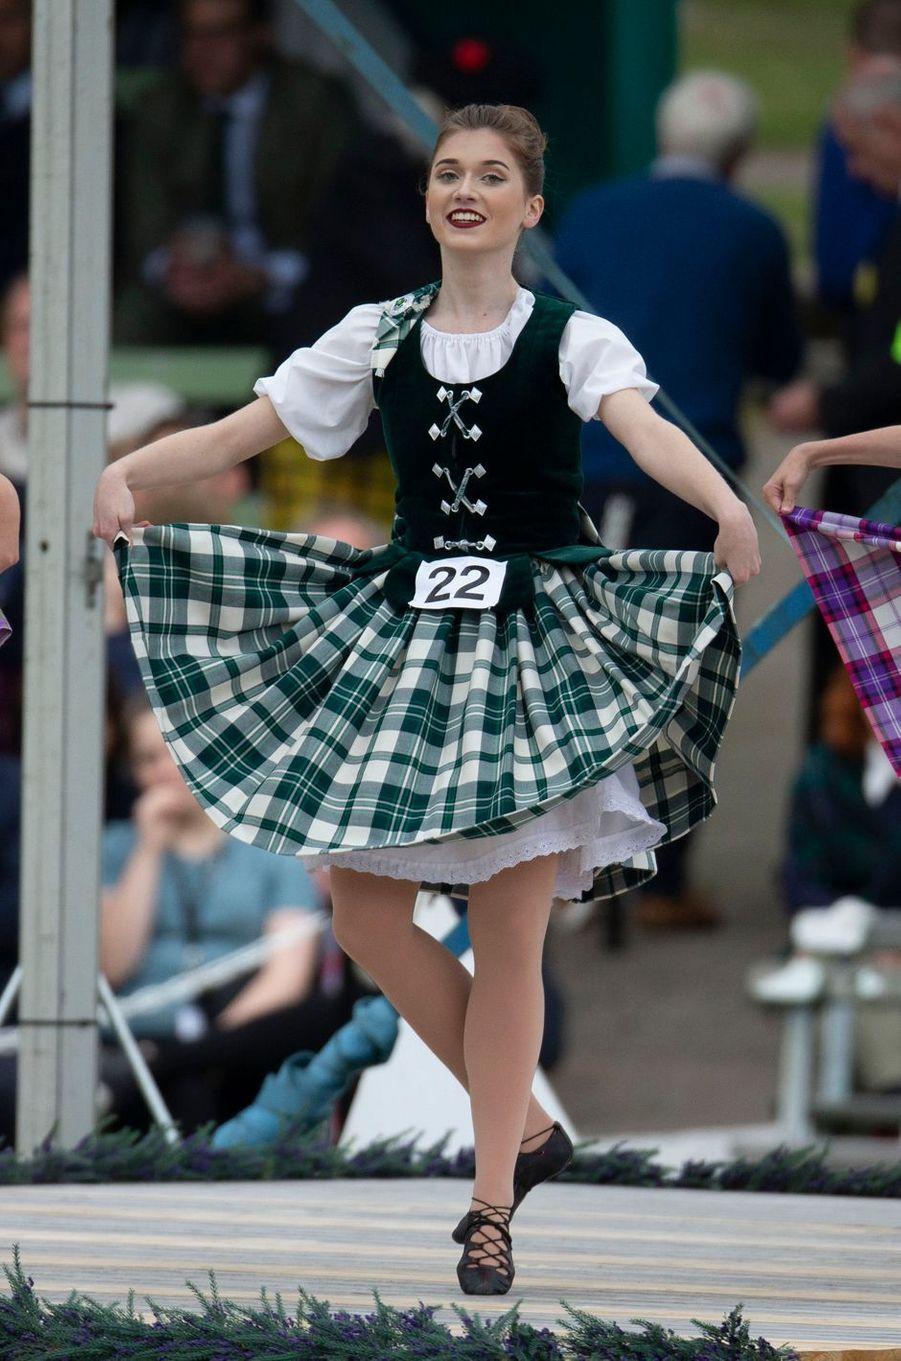 Danseuse écossaise au Highlands Braemar Gathering à Braemar, le 1er septembre 2018